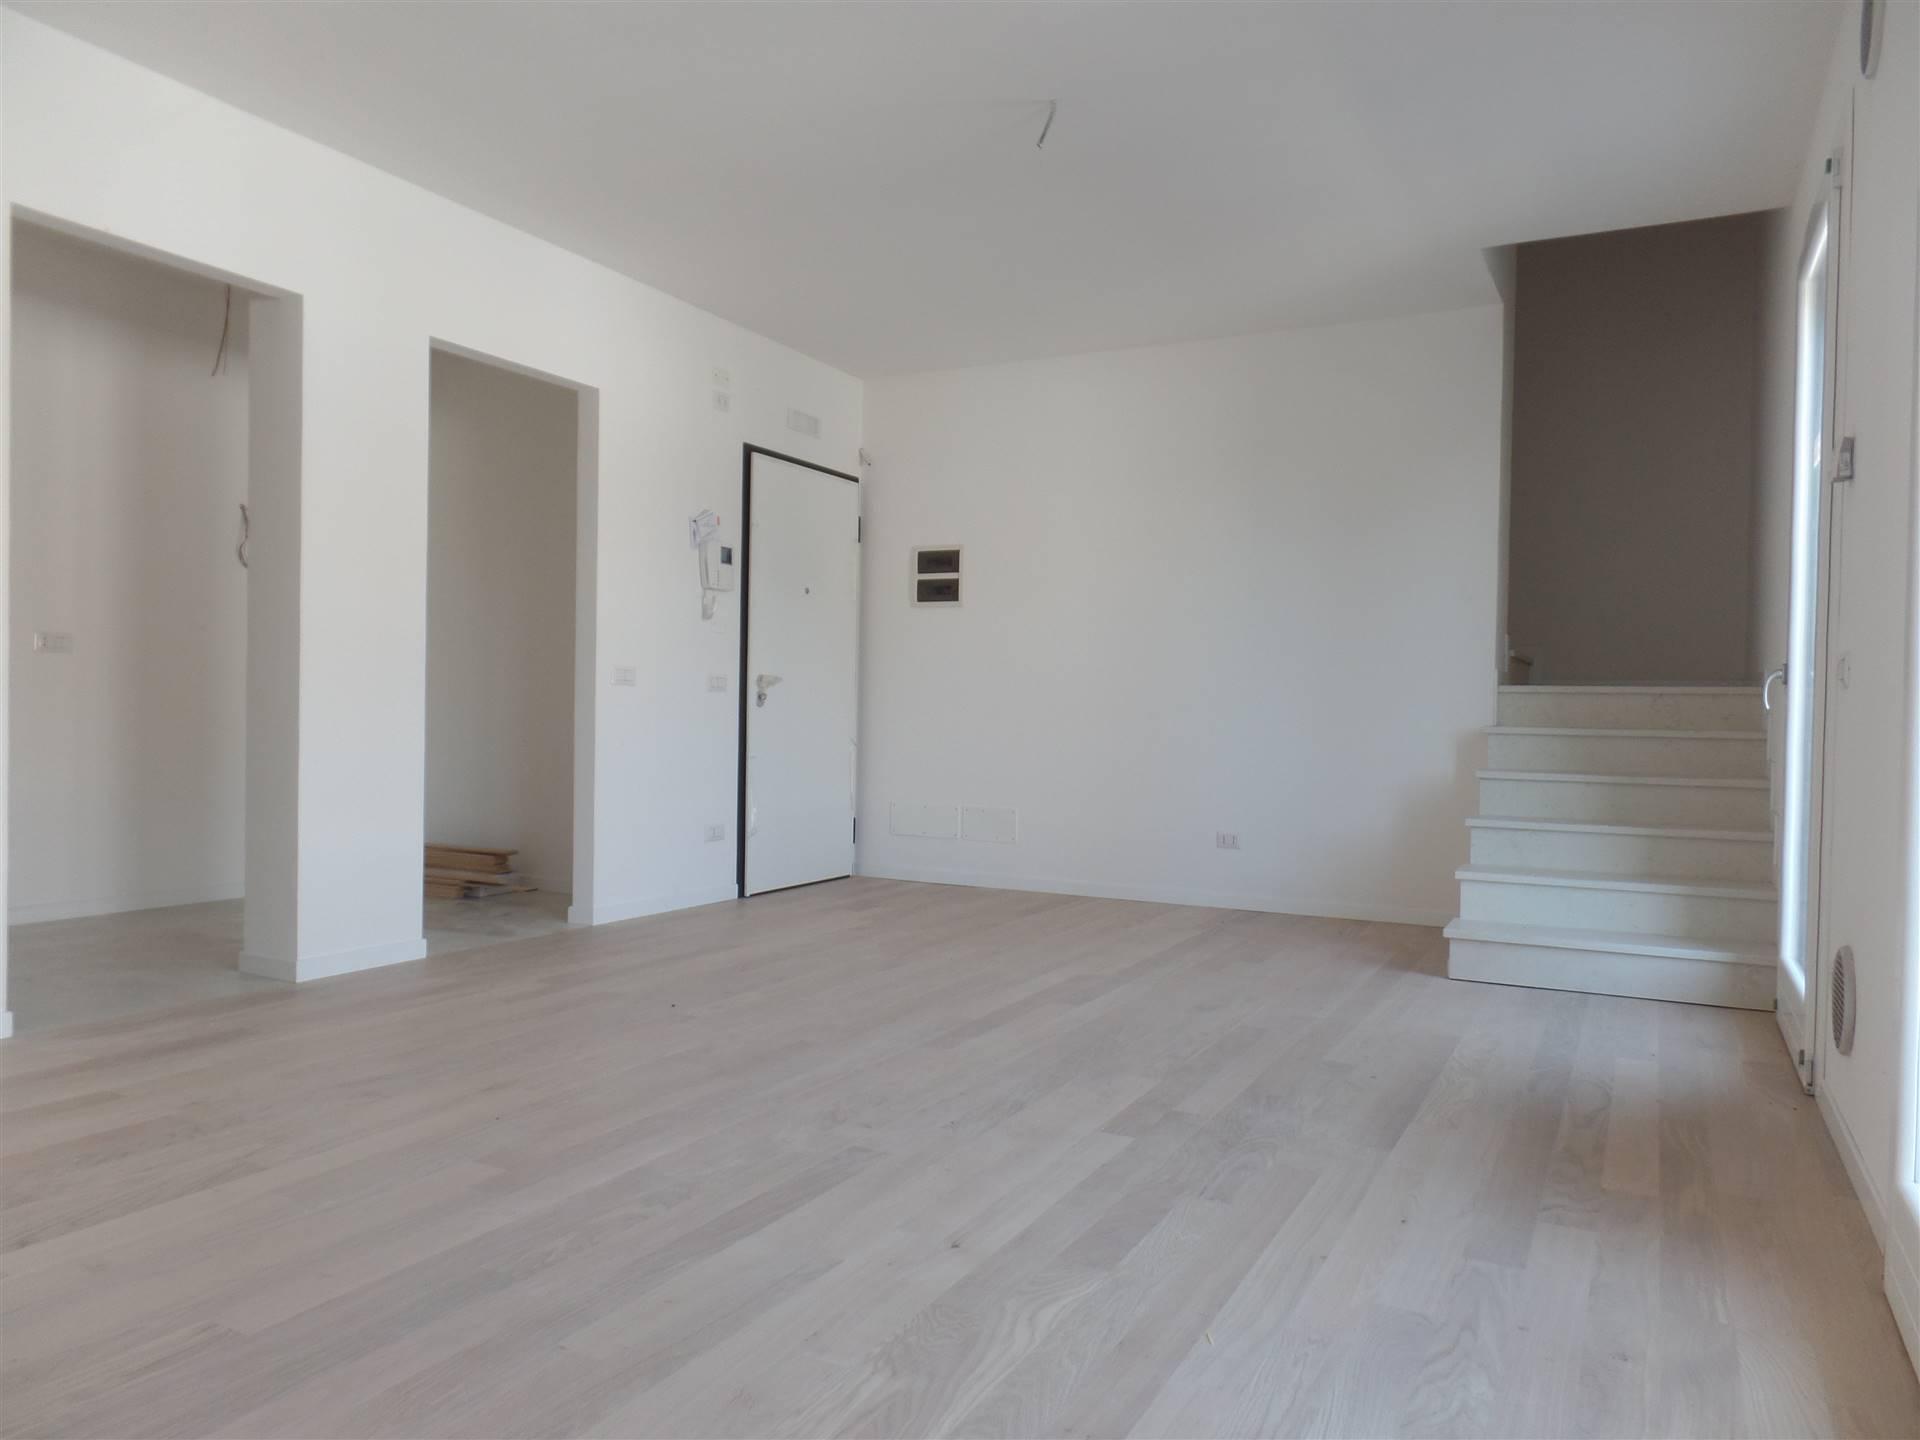 Appartamento in vendita a Villafranca Padovana, 4 locali, prezzo € 175.000 | PortaleAgenzieImmobiliari.it